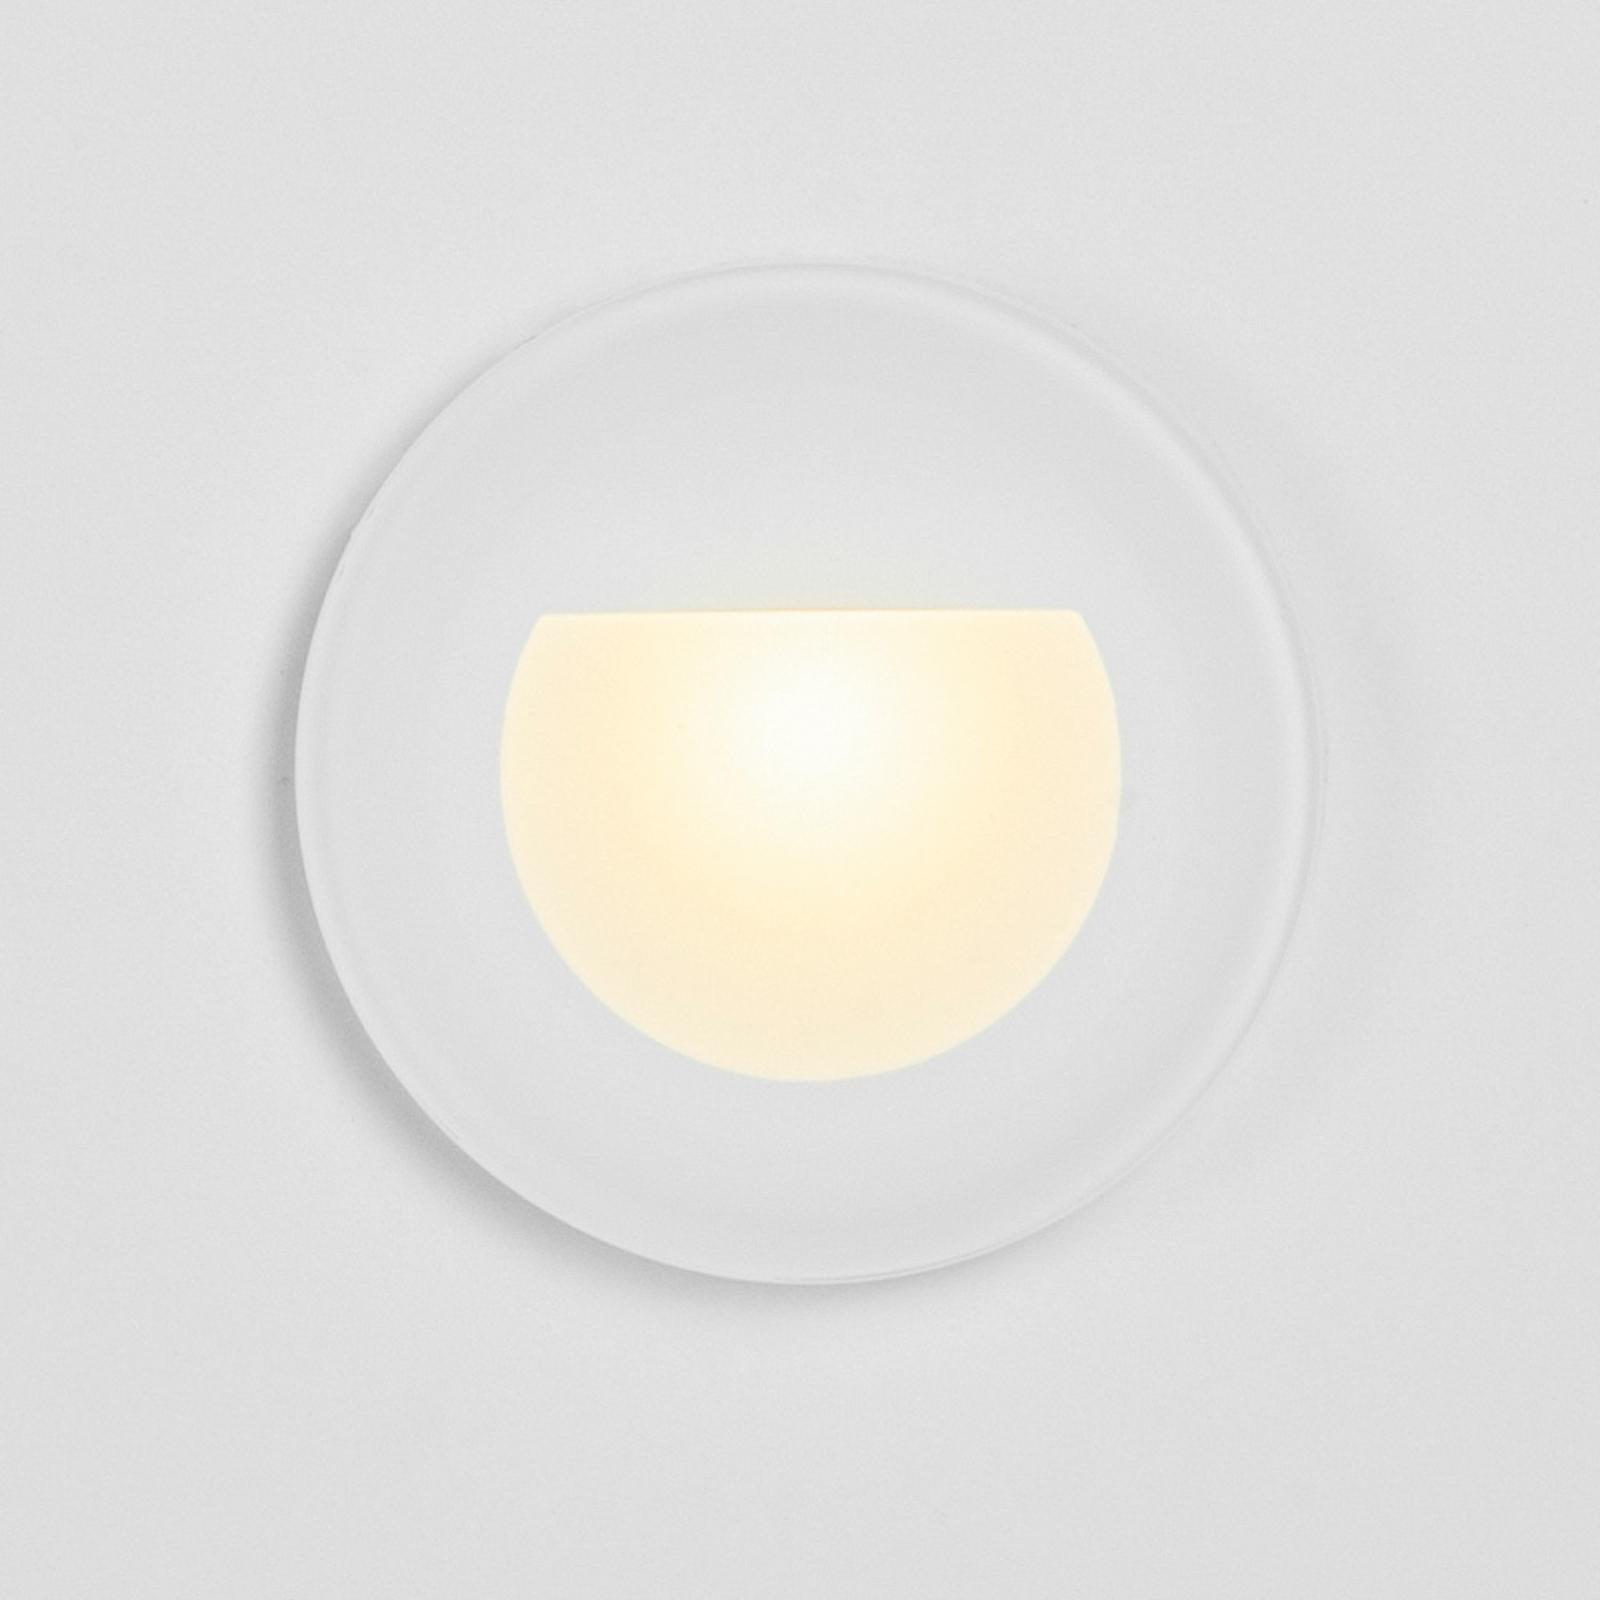 BRUMBERG Wall Kit68 Einbaulampe flach rund weiß